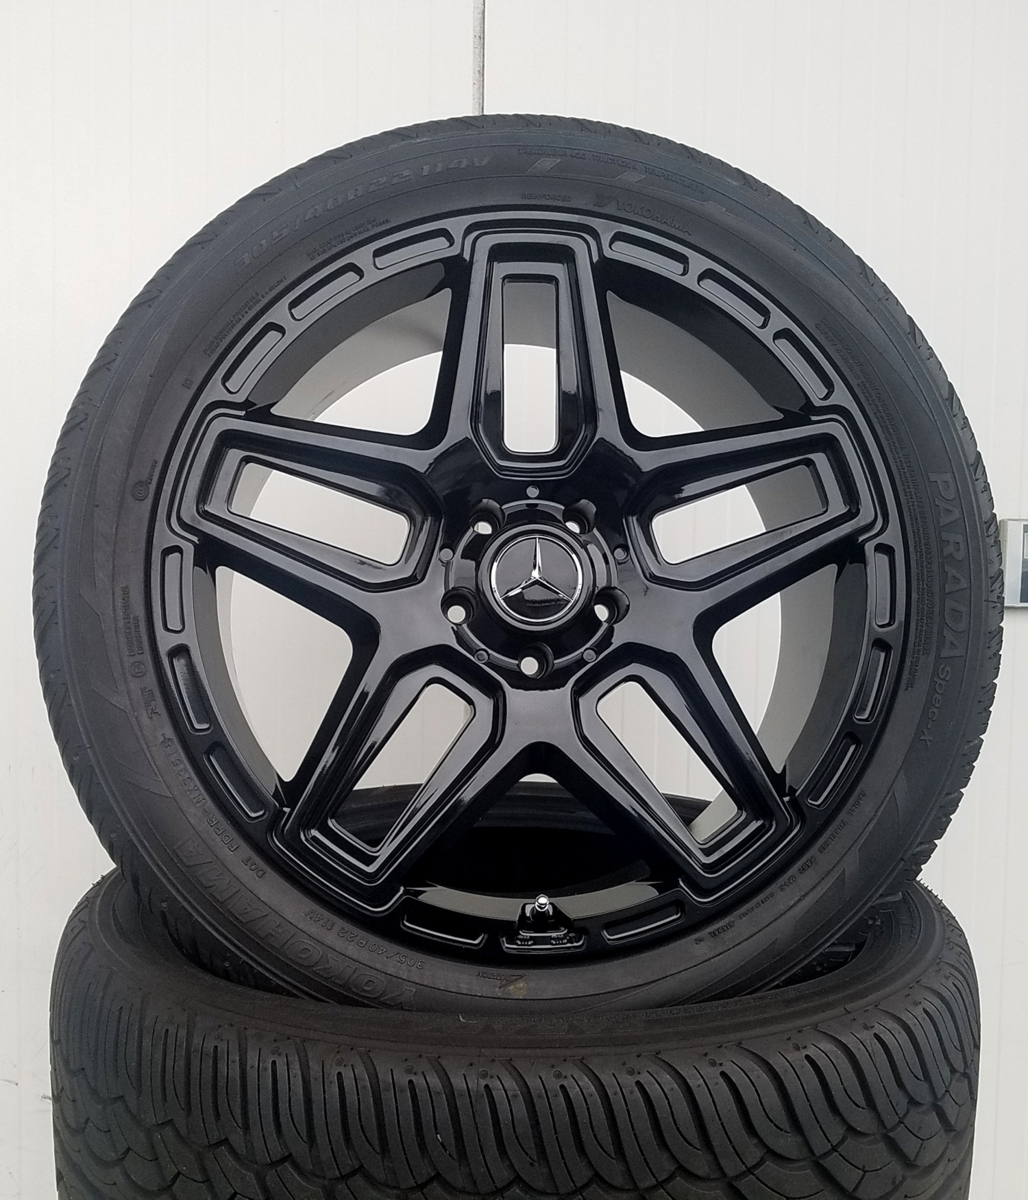 国産タイヤset LEXXEL Anthem メルセデス ベンツ Gクラス ゲレンデ G63 G65 G550 G500 G350 YOKOHAMA PARADA SPEC-X 285/45R22 22インチ_画像2